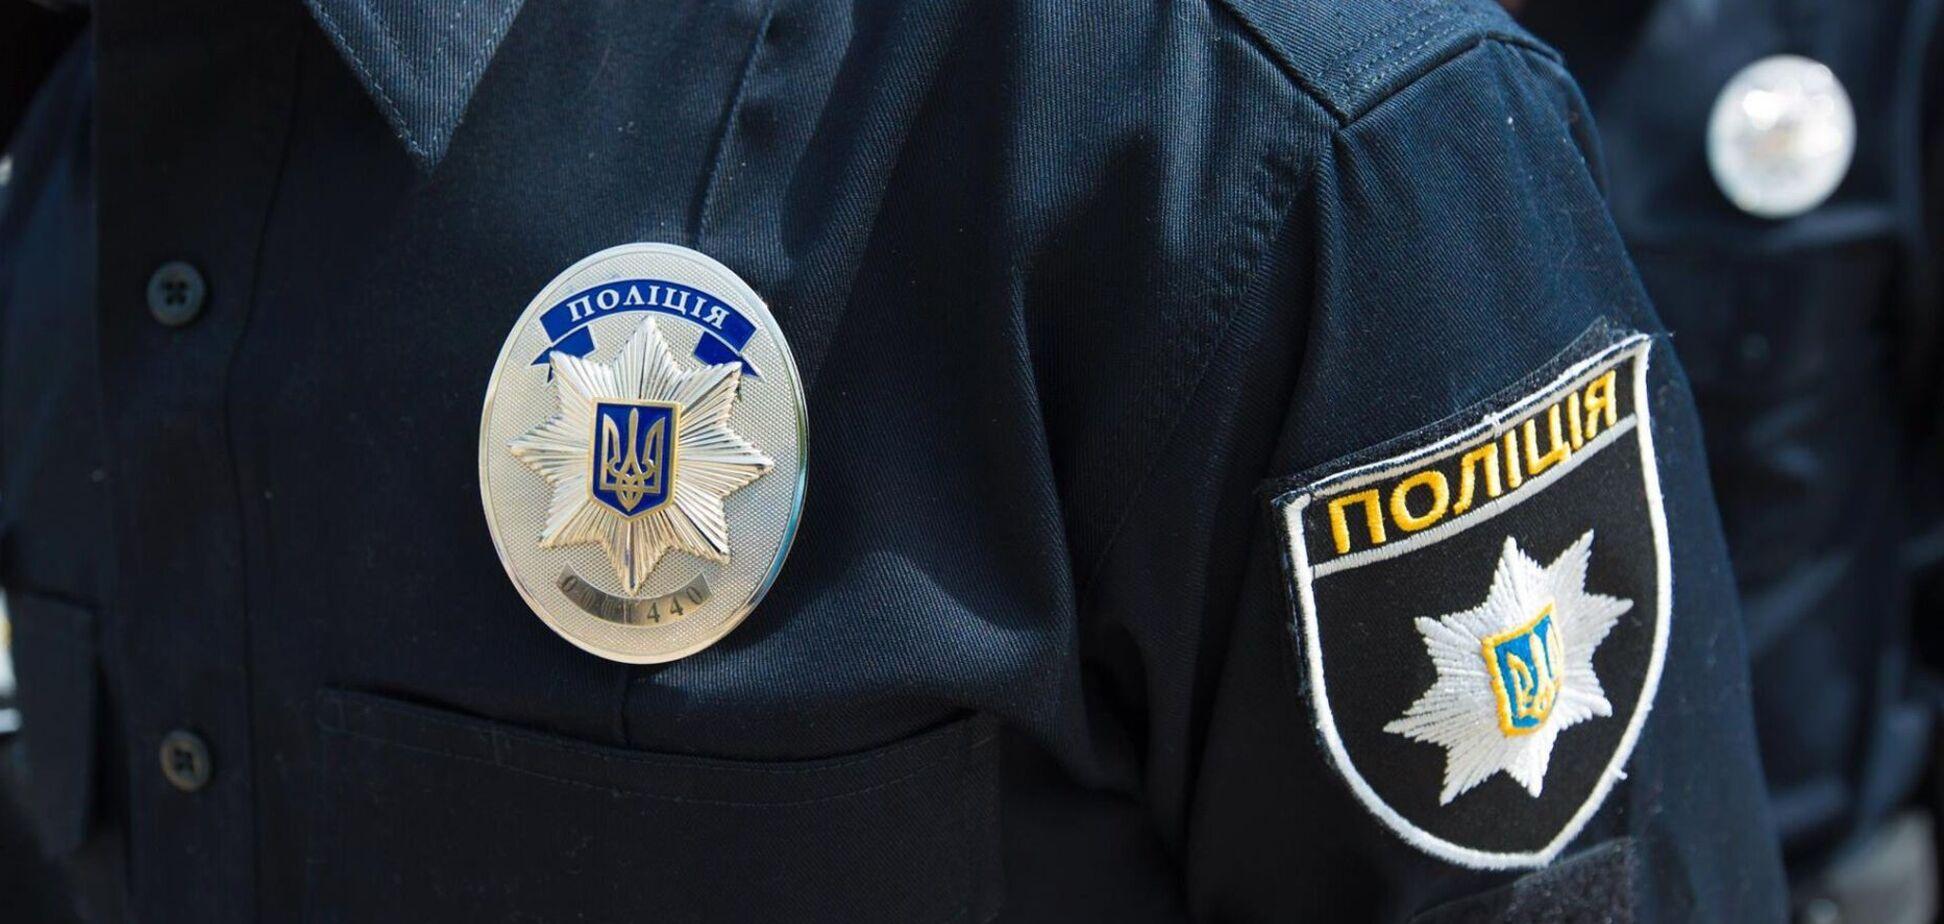 На Киевщине мужчину задержали за развращение 13-летнего мальчика. Иллюстрация